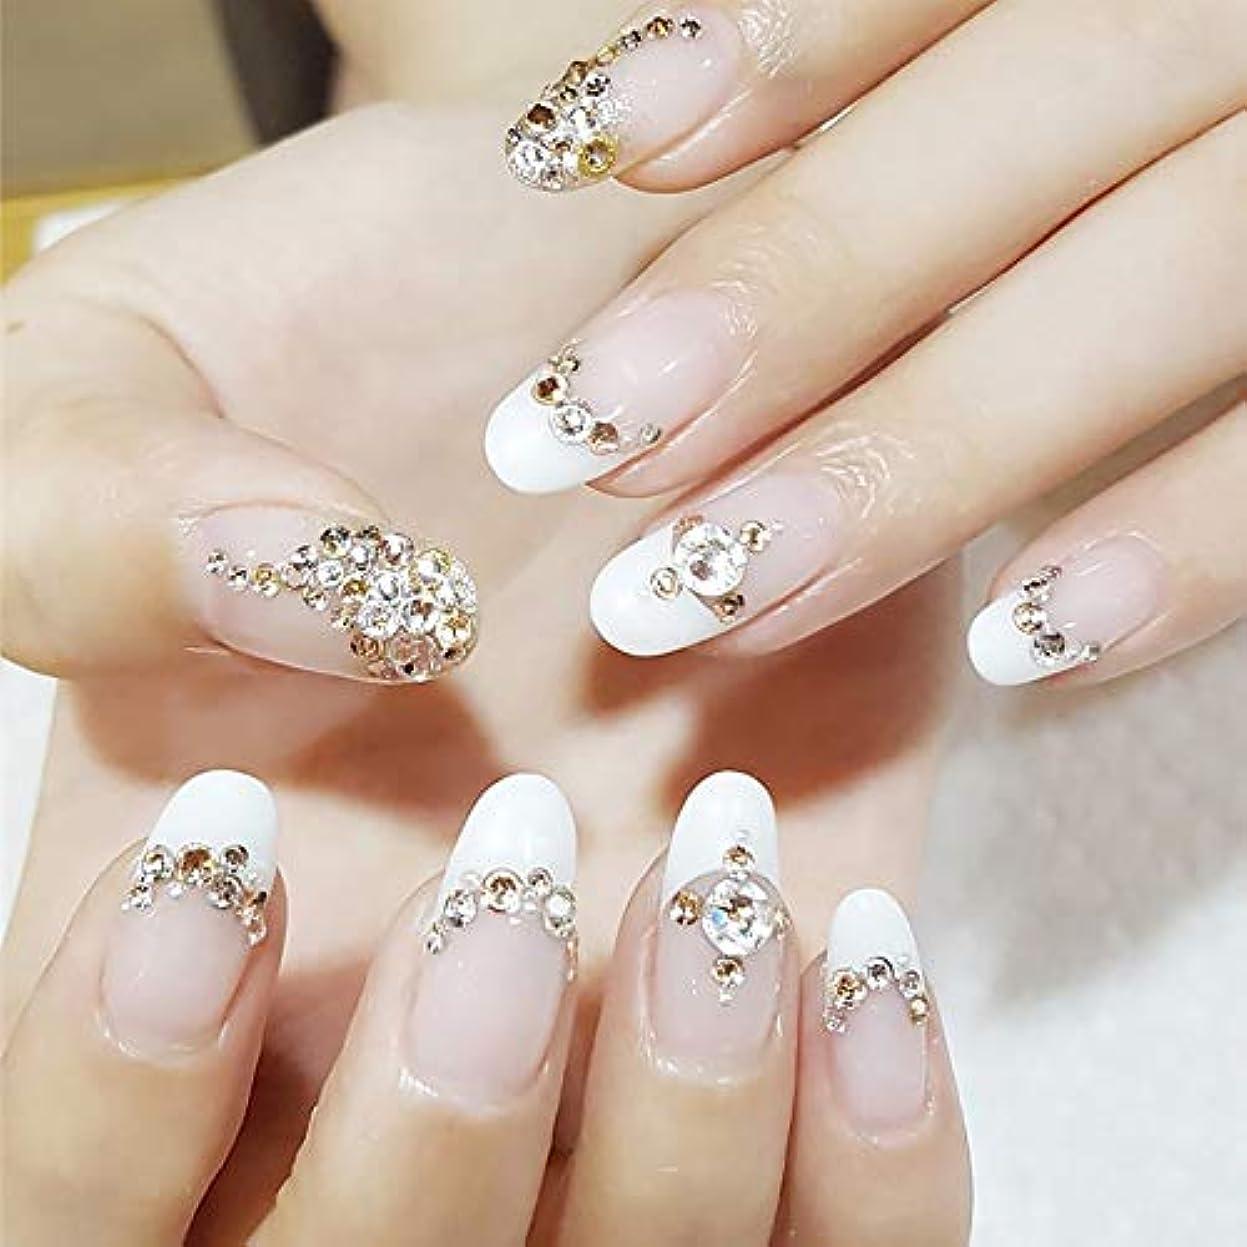 頑張る高潔な早めるXUTXZKA 24ピース女性シャンパンカラー偽爪ブライダルウェディングネイルアートのヒントレディースグリッター3Dラインストーン偽爪